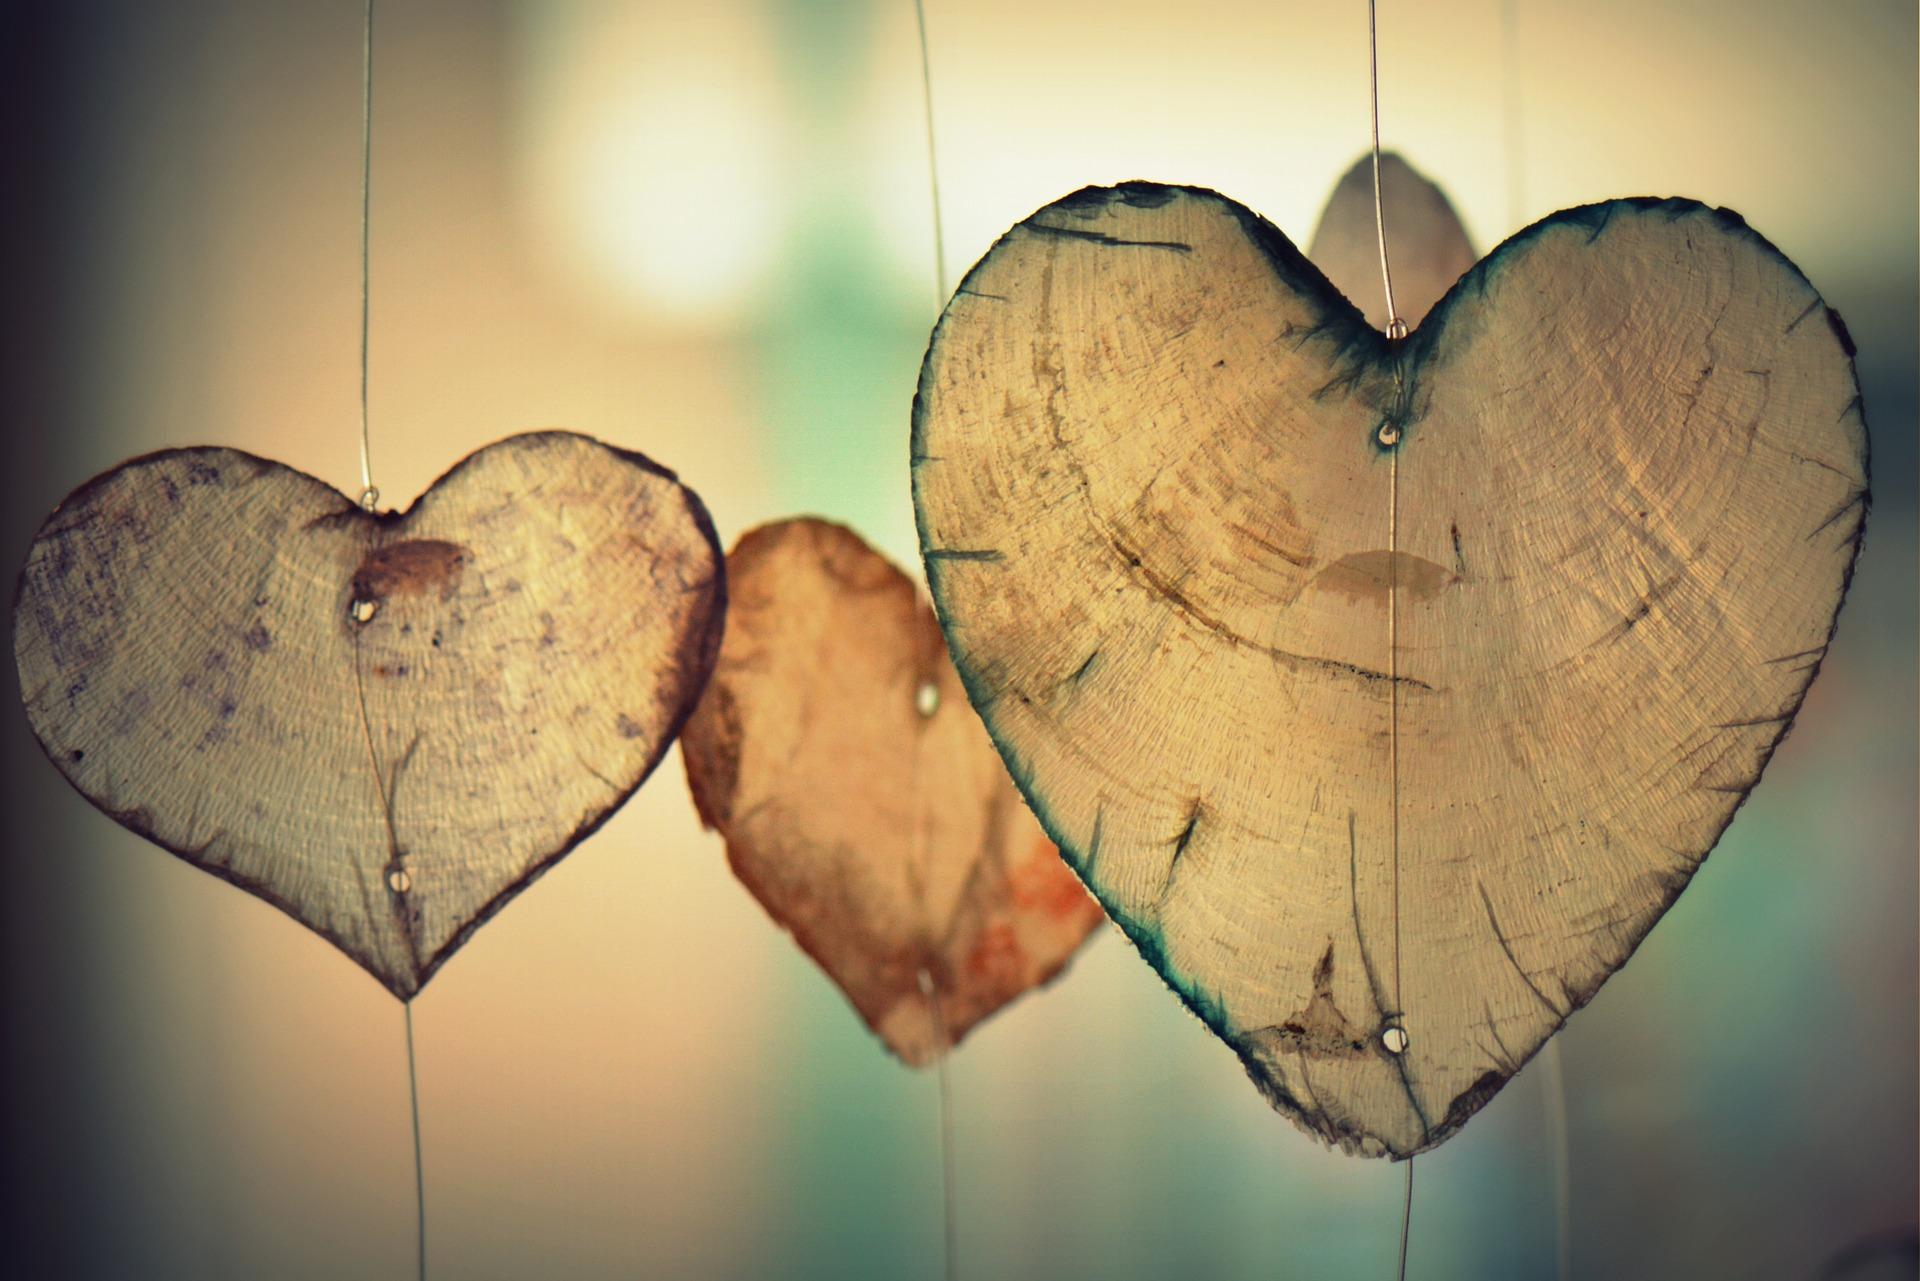 心, 愛, ペンダント, 装飾品, 工芸品 - HD の壁紙 - 教授-falken.com